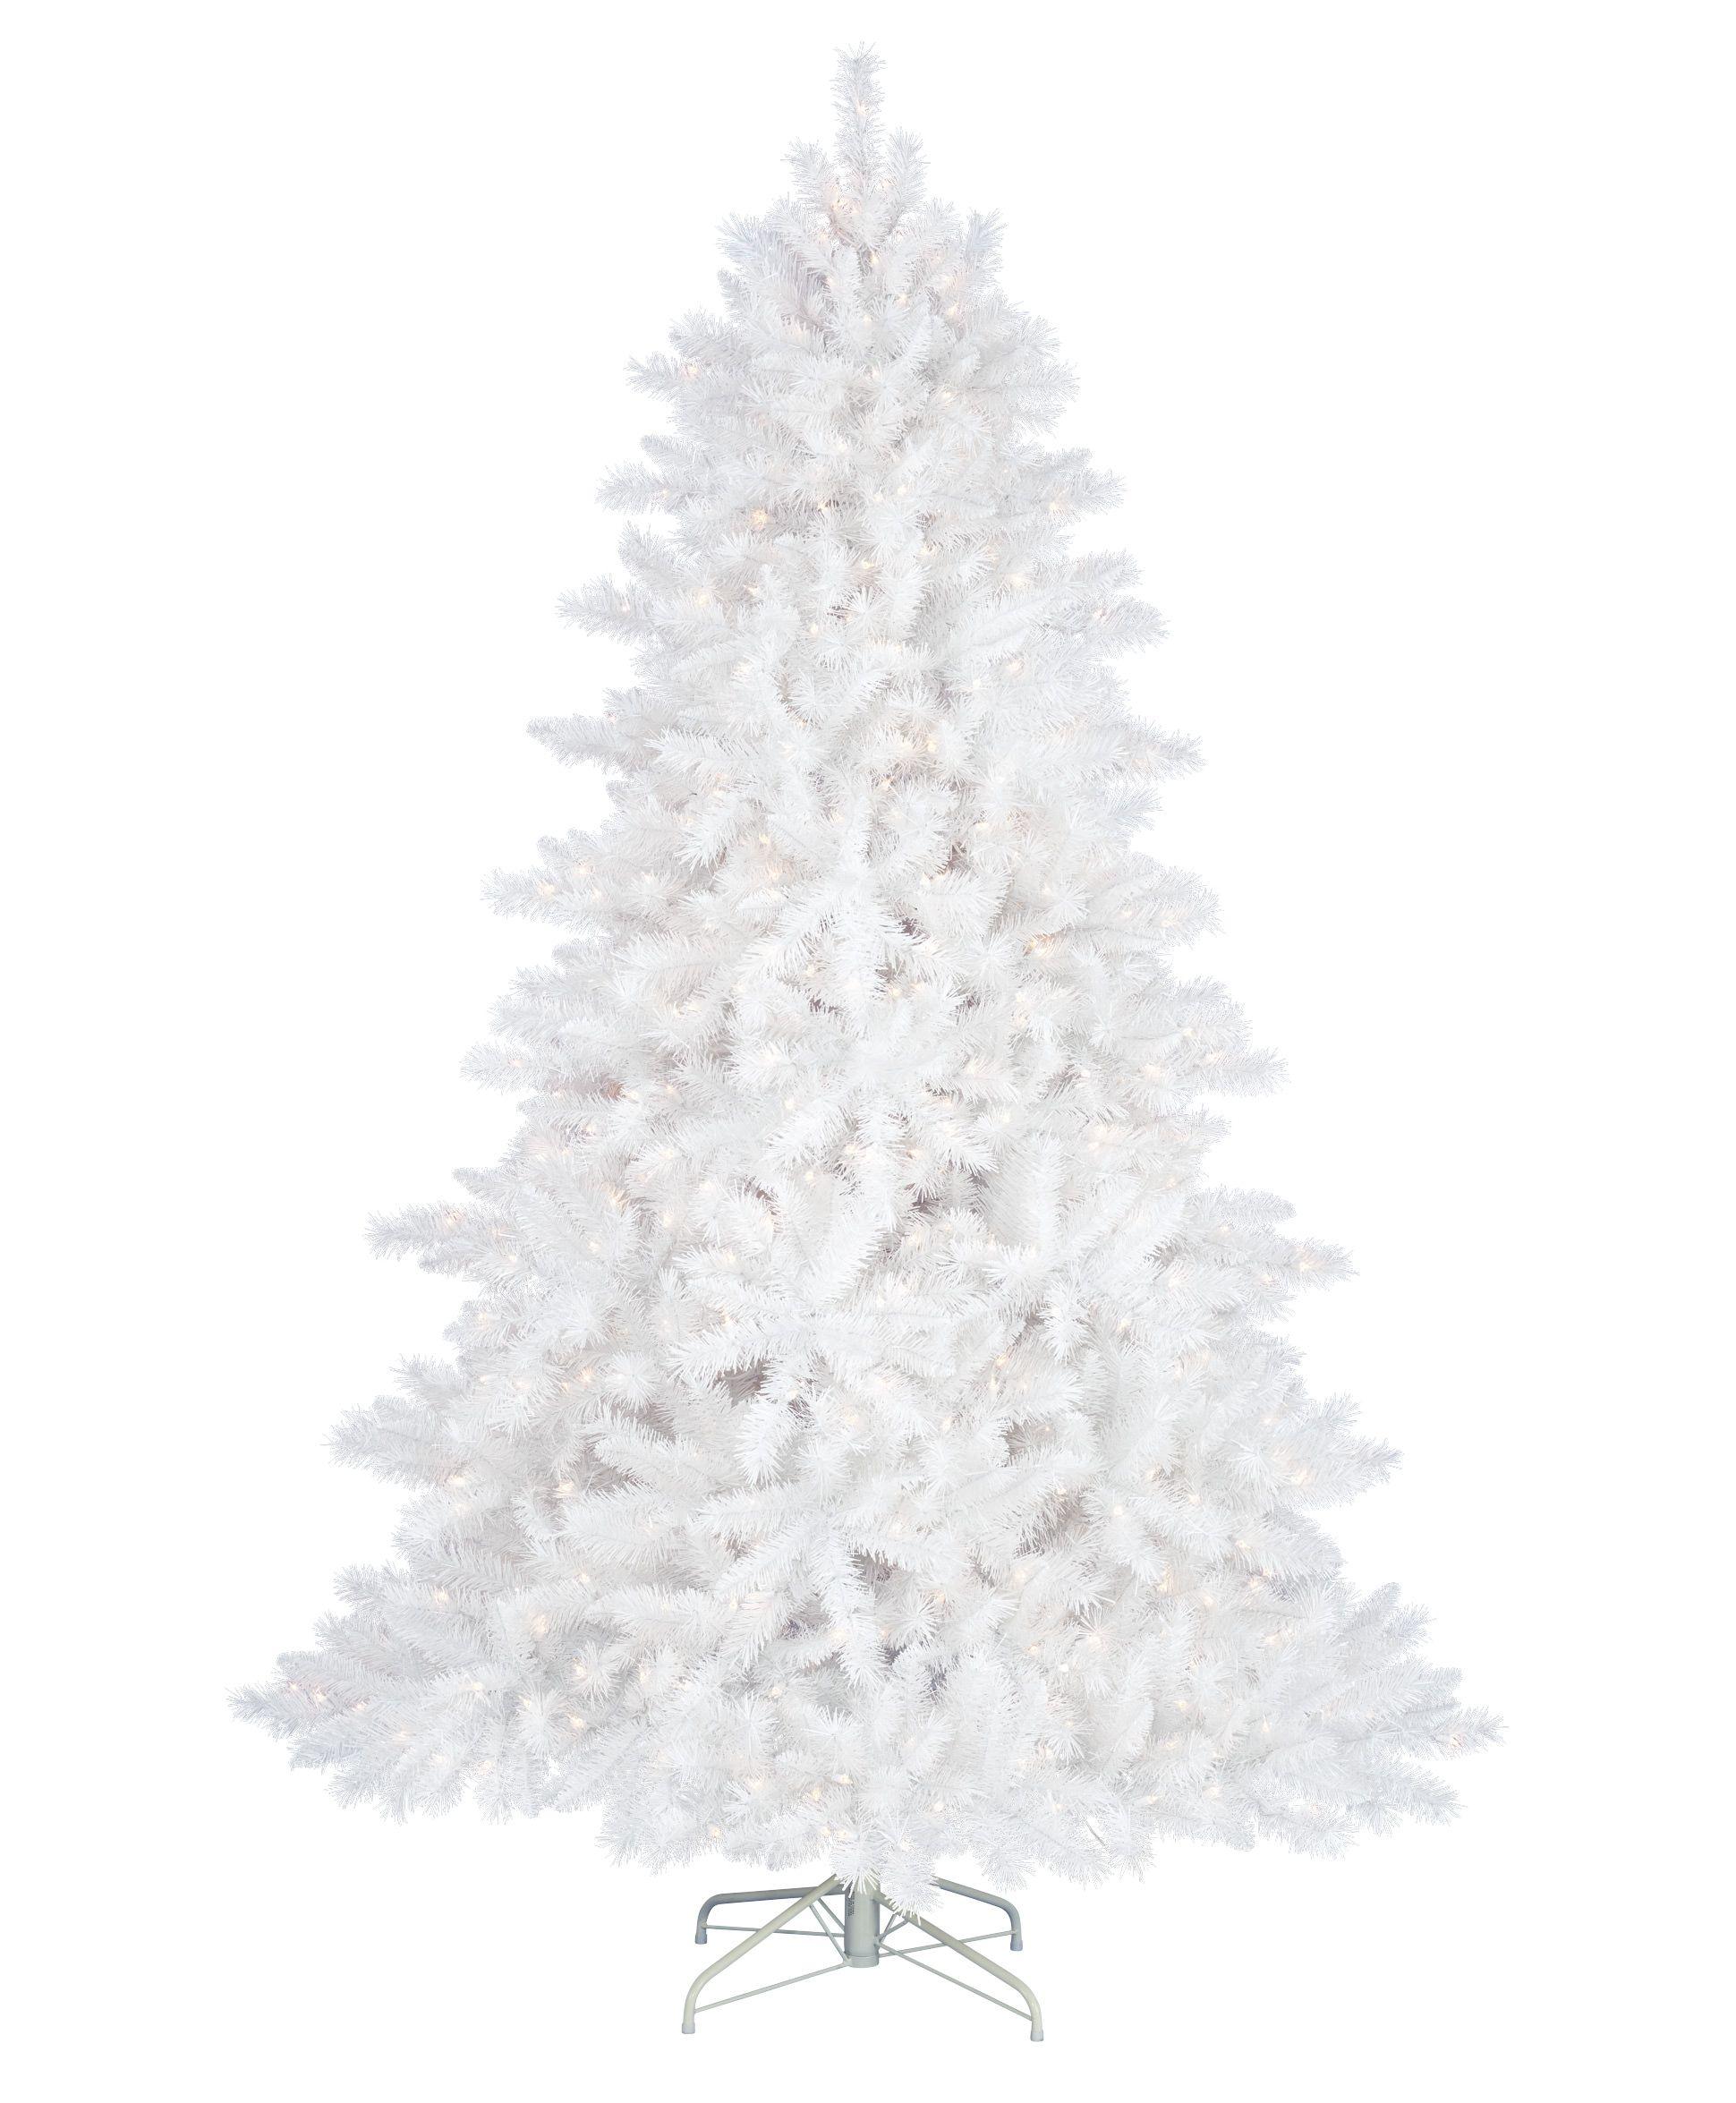 Christmas Tree Alpine White Christmas Tree Tree Classics White Christmas Tree Christmas Tree White Christmas